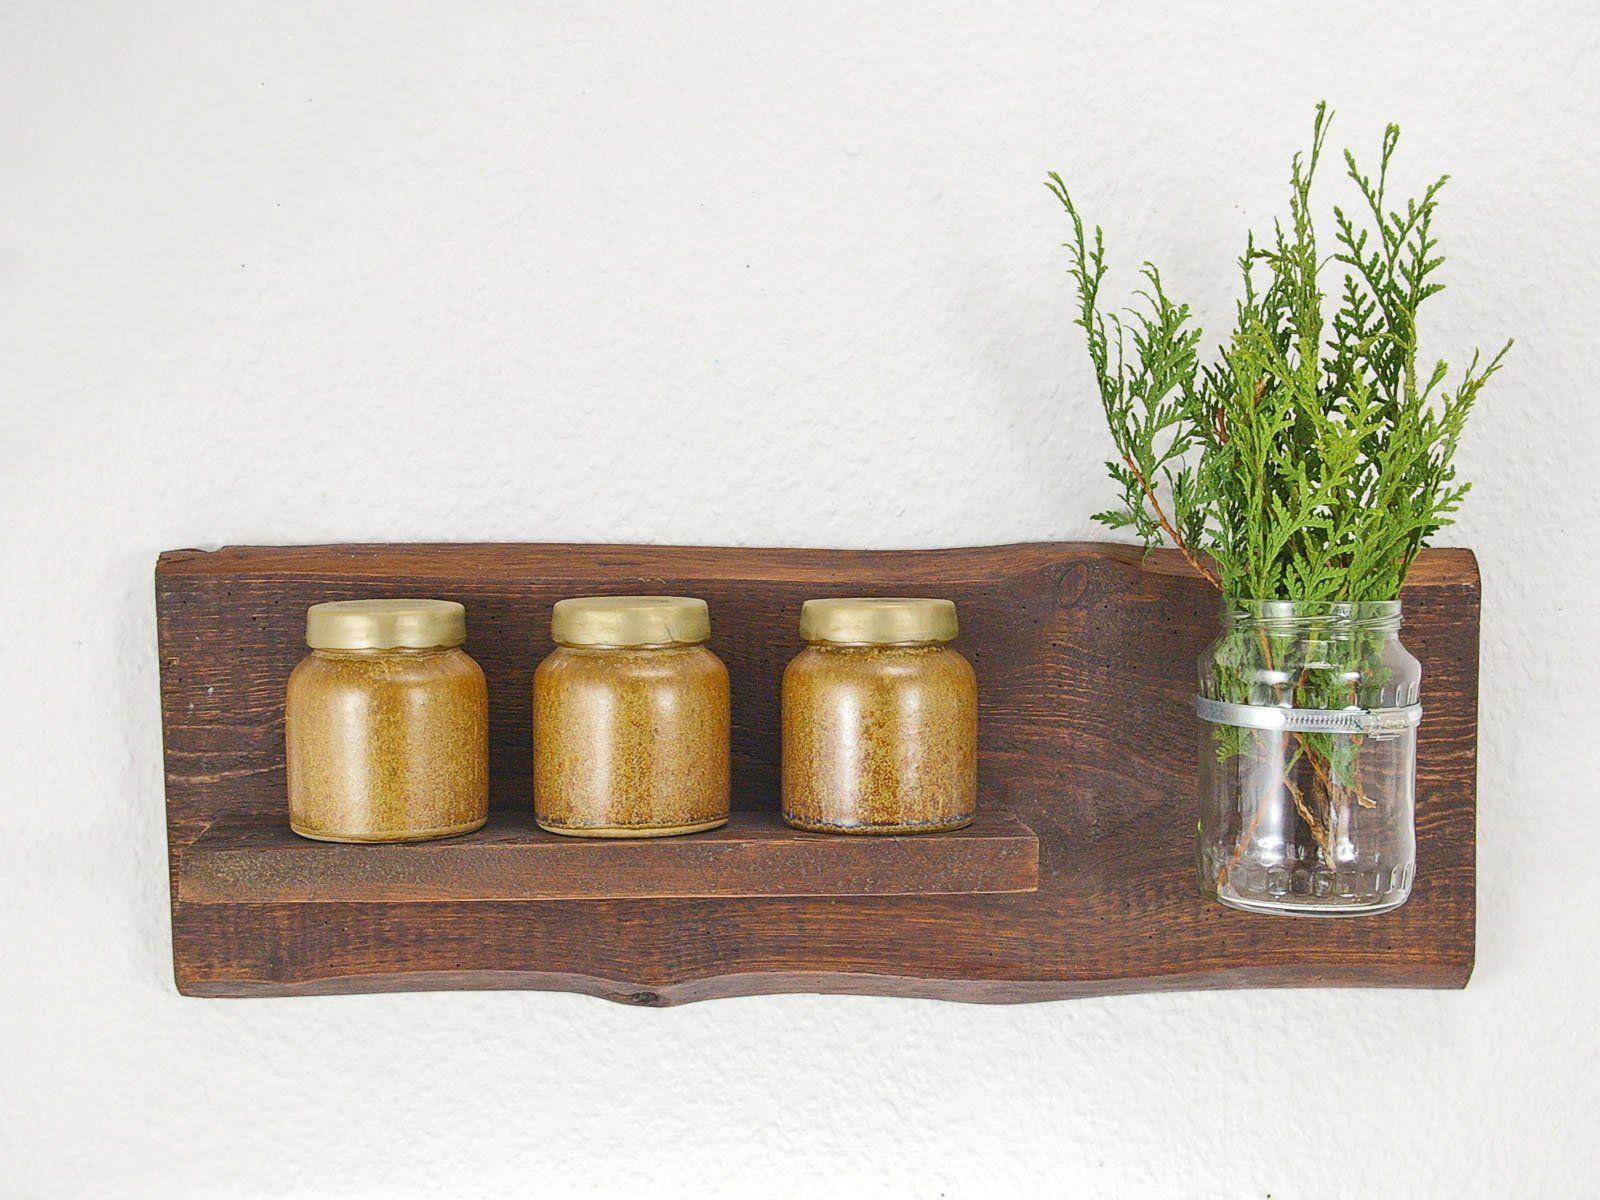 Kleines Wandregal Aus Edlem Holz Mit Vase Und Schelle Einzigartiges Holzregal Mit Vase Nachhaltige Geschenkidee Wandregal Holzregal Und Regal